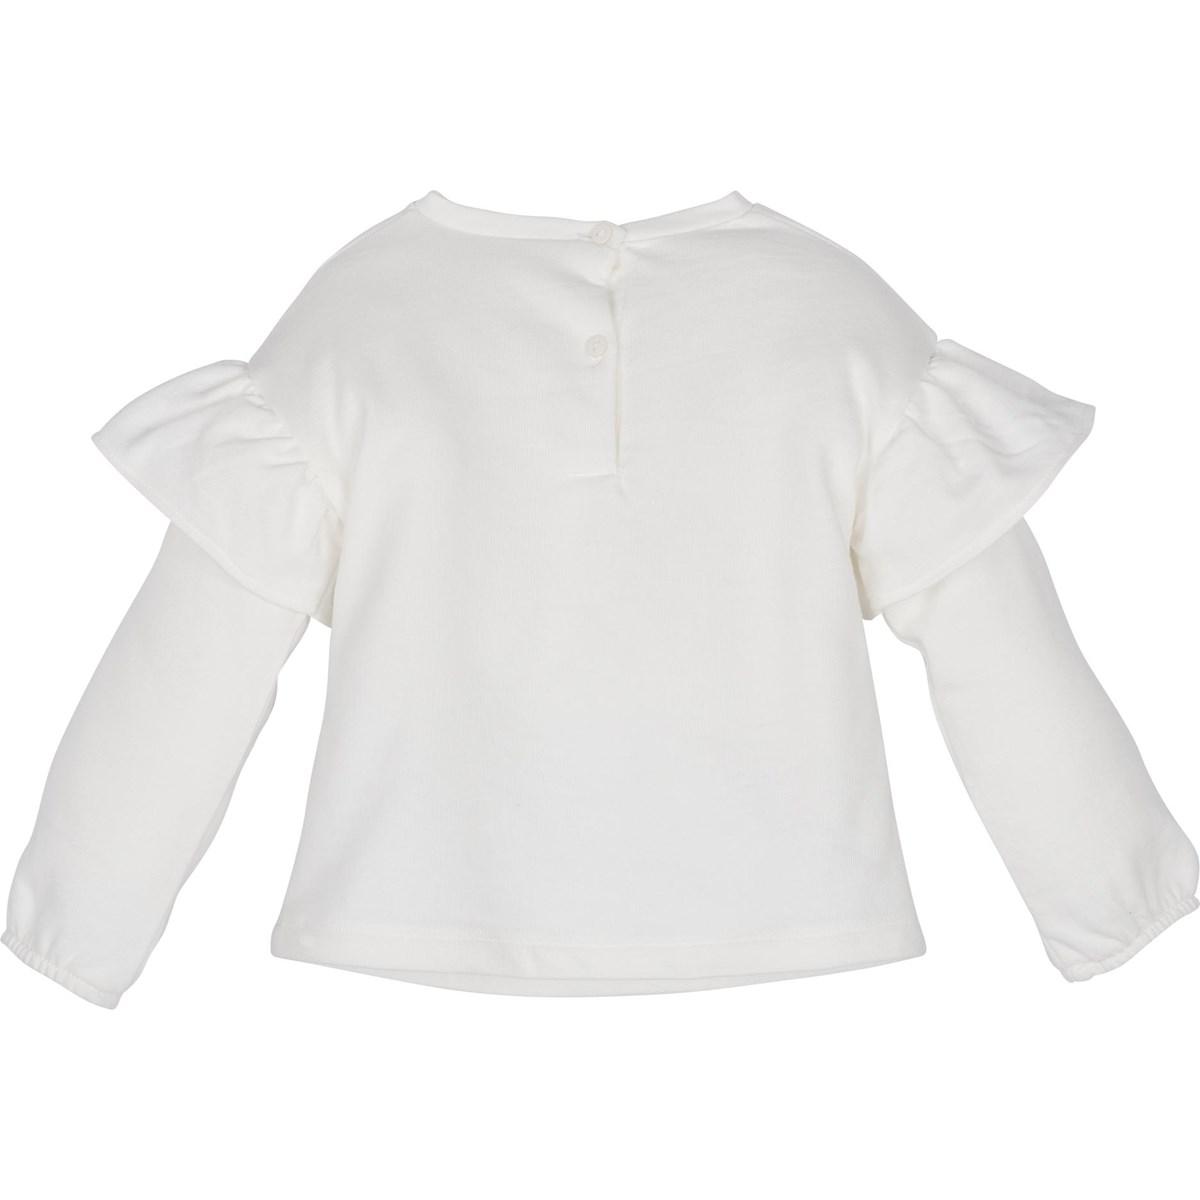 12405 Sweatshirt 2